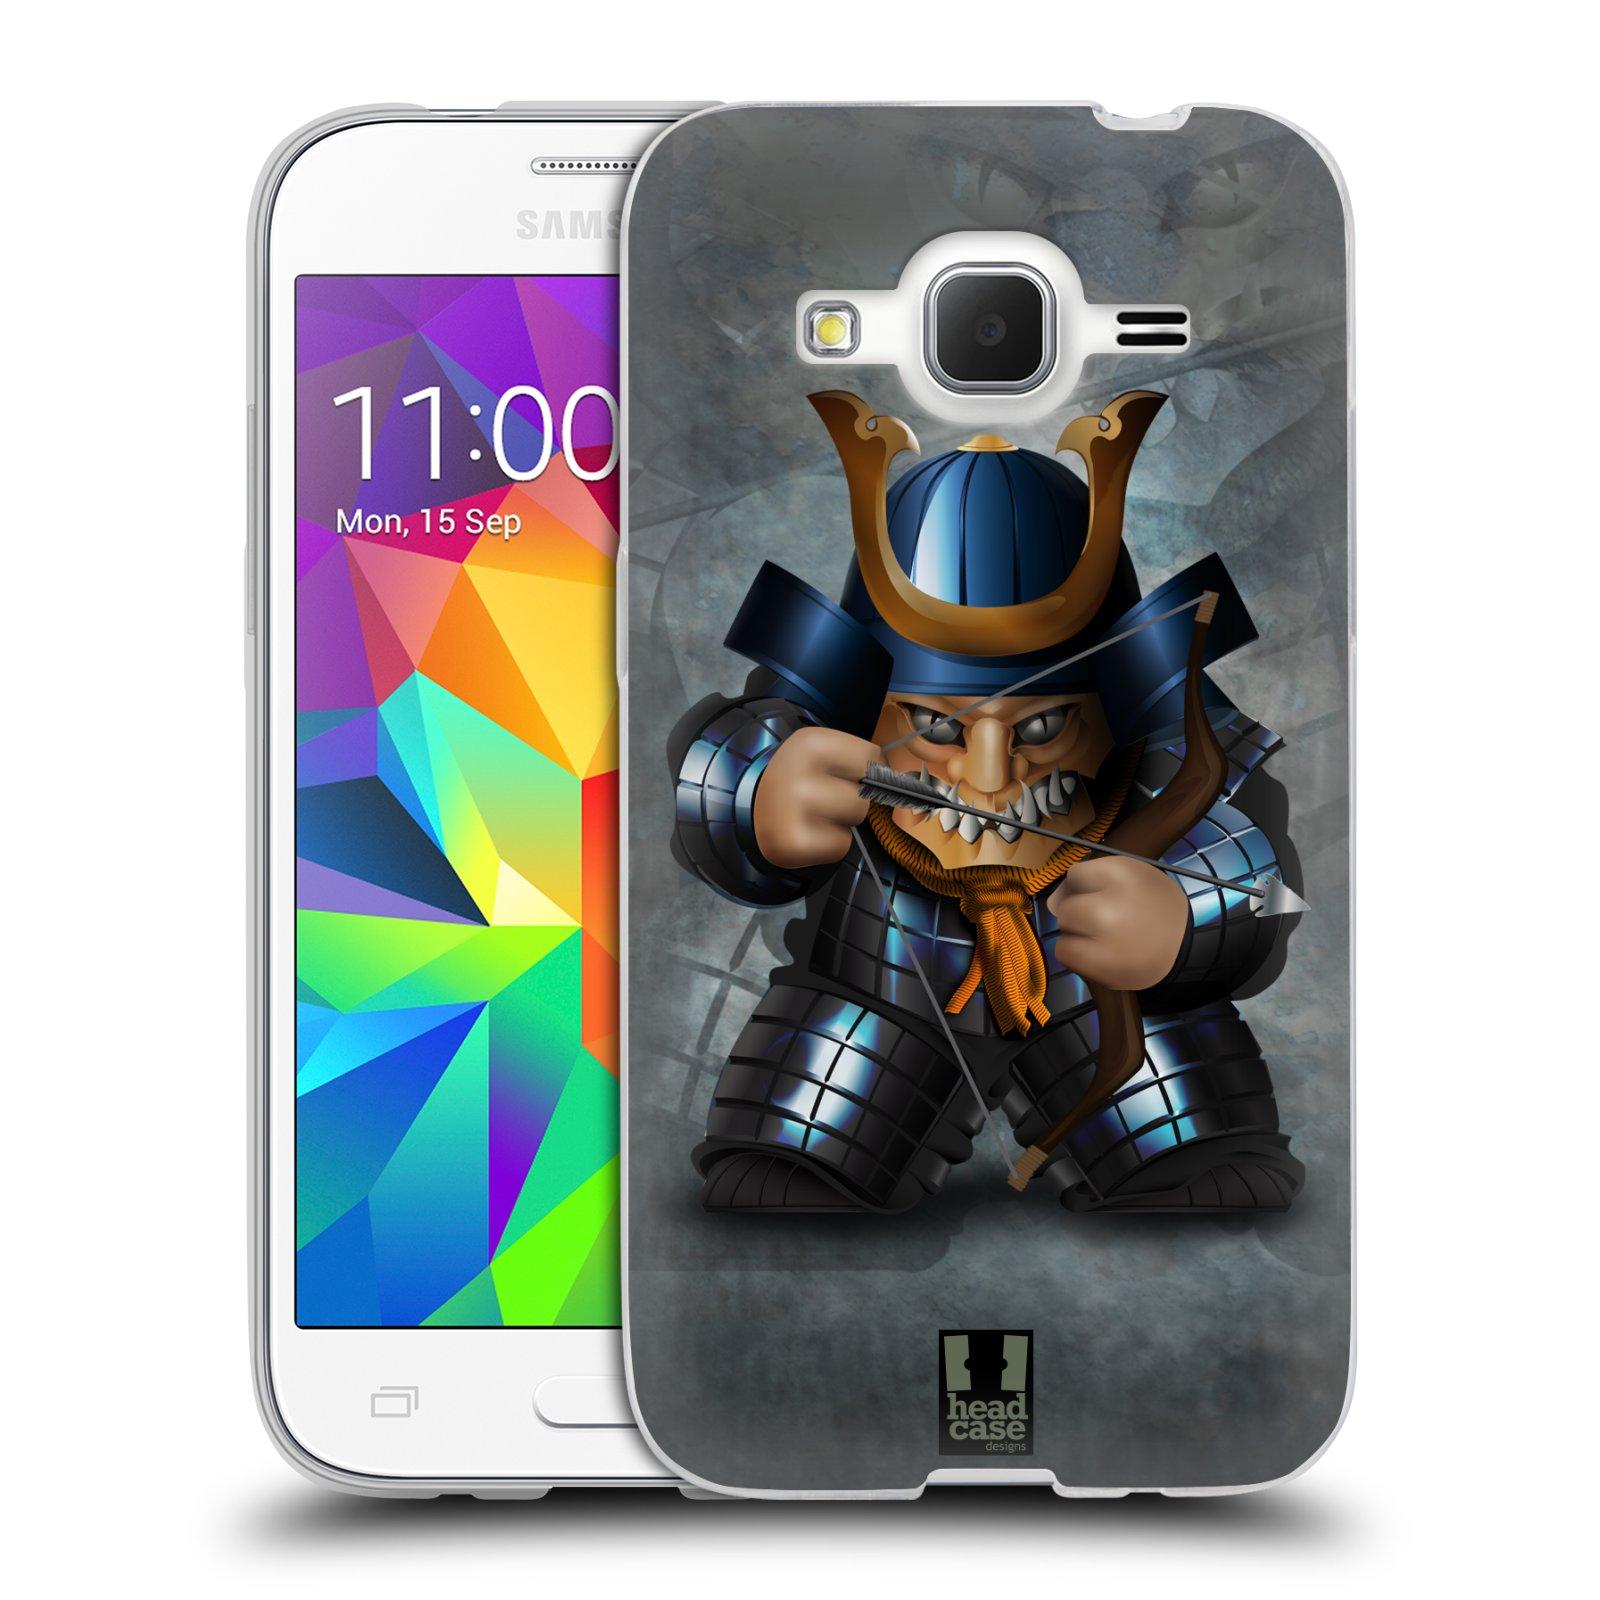 HEAD CASE silikonový obal na mobil Samsung Galaxy Core Prime (G360) vzor Malí bojovníci SHOGUN STŘELEC